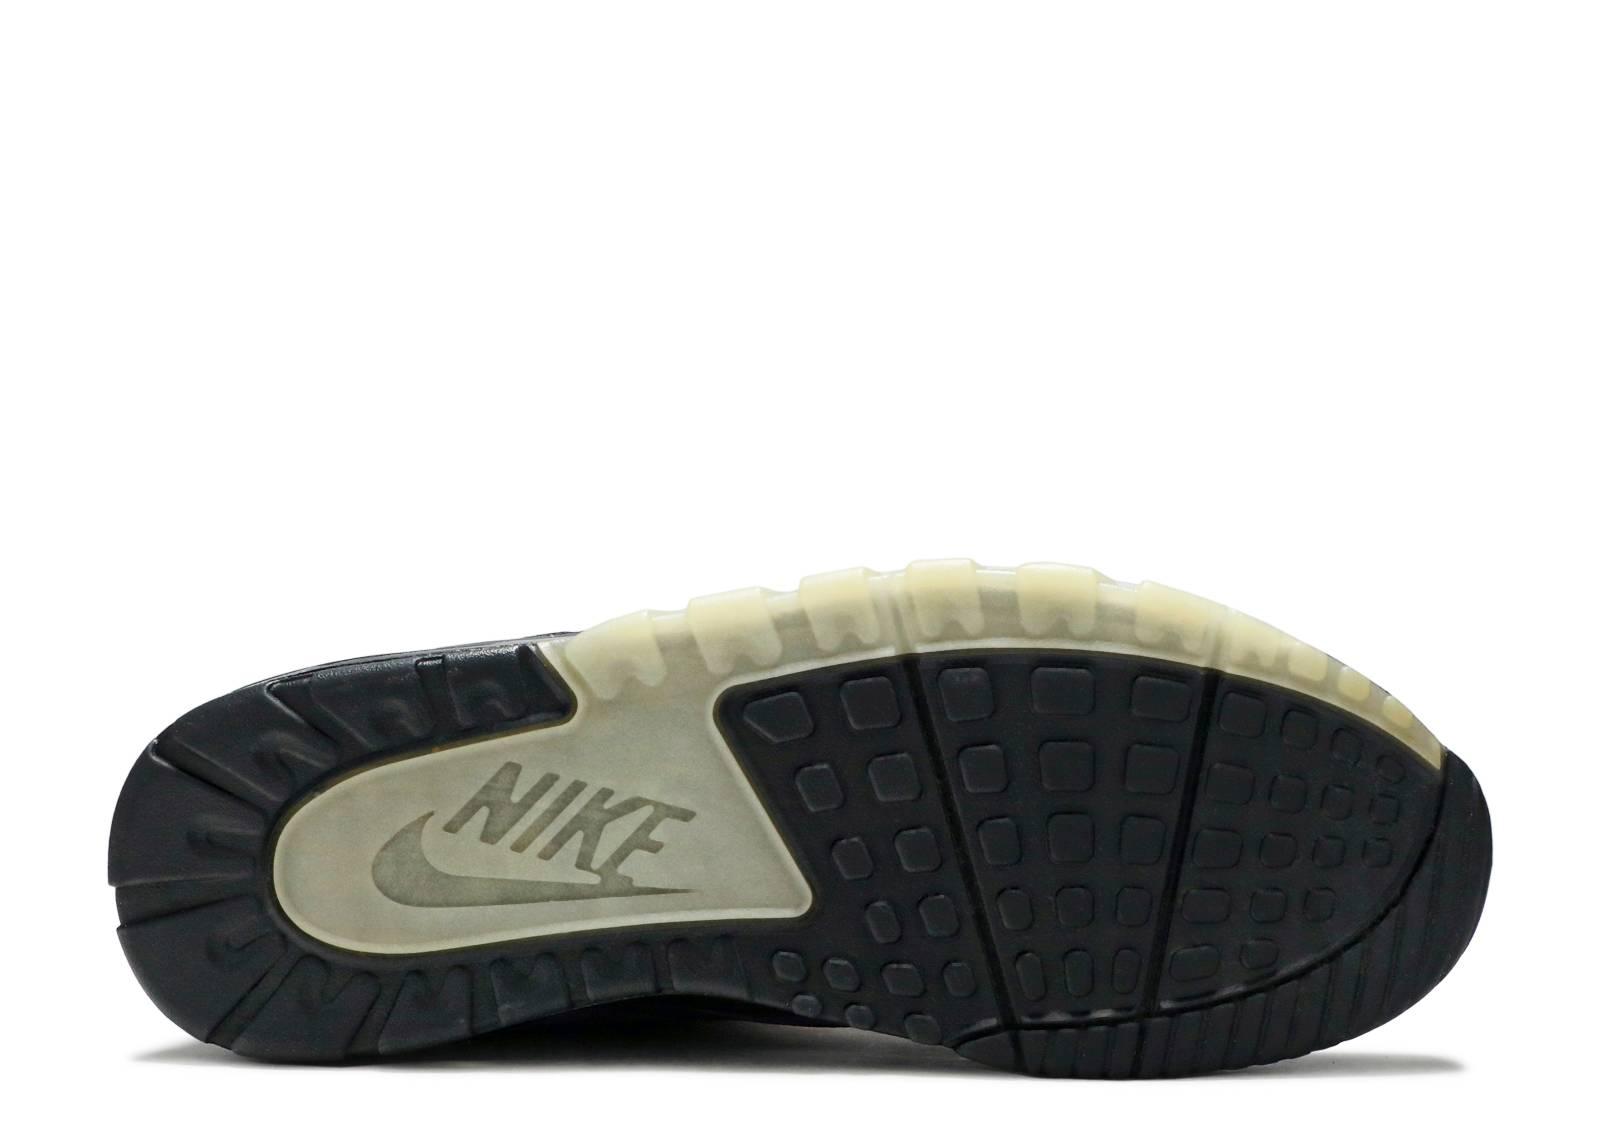 b75557568125e Nike Trainer Sc 2 Megatron